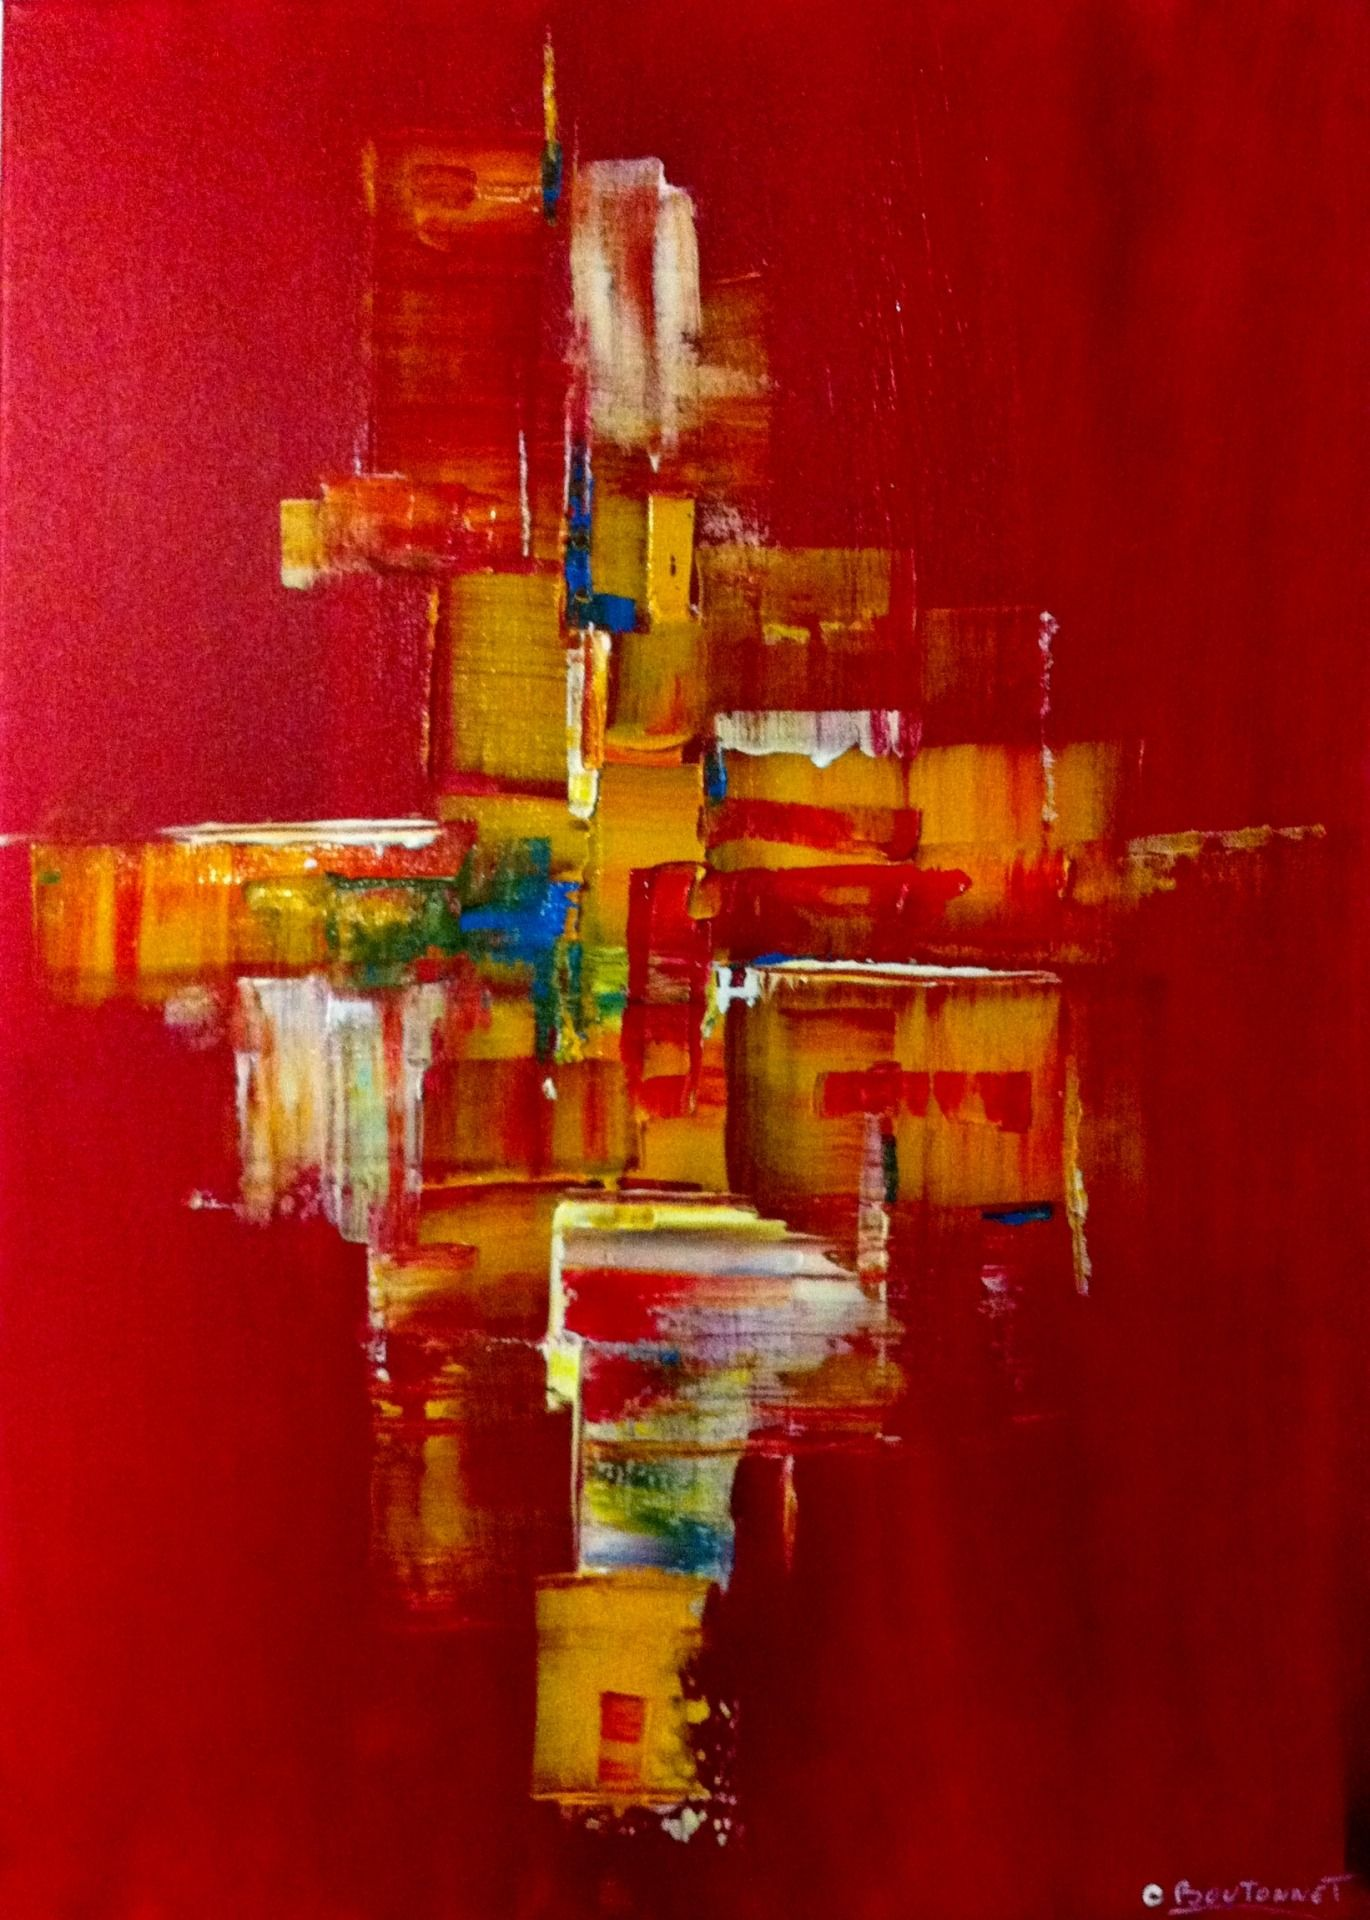 Tableau Peinture Acrylique Abstrait Art Contemporain Toile Jaune